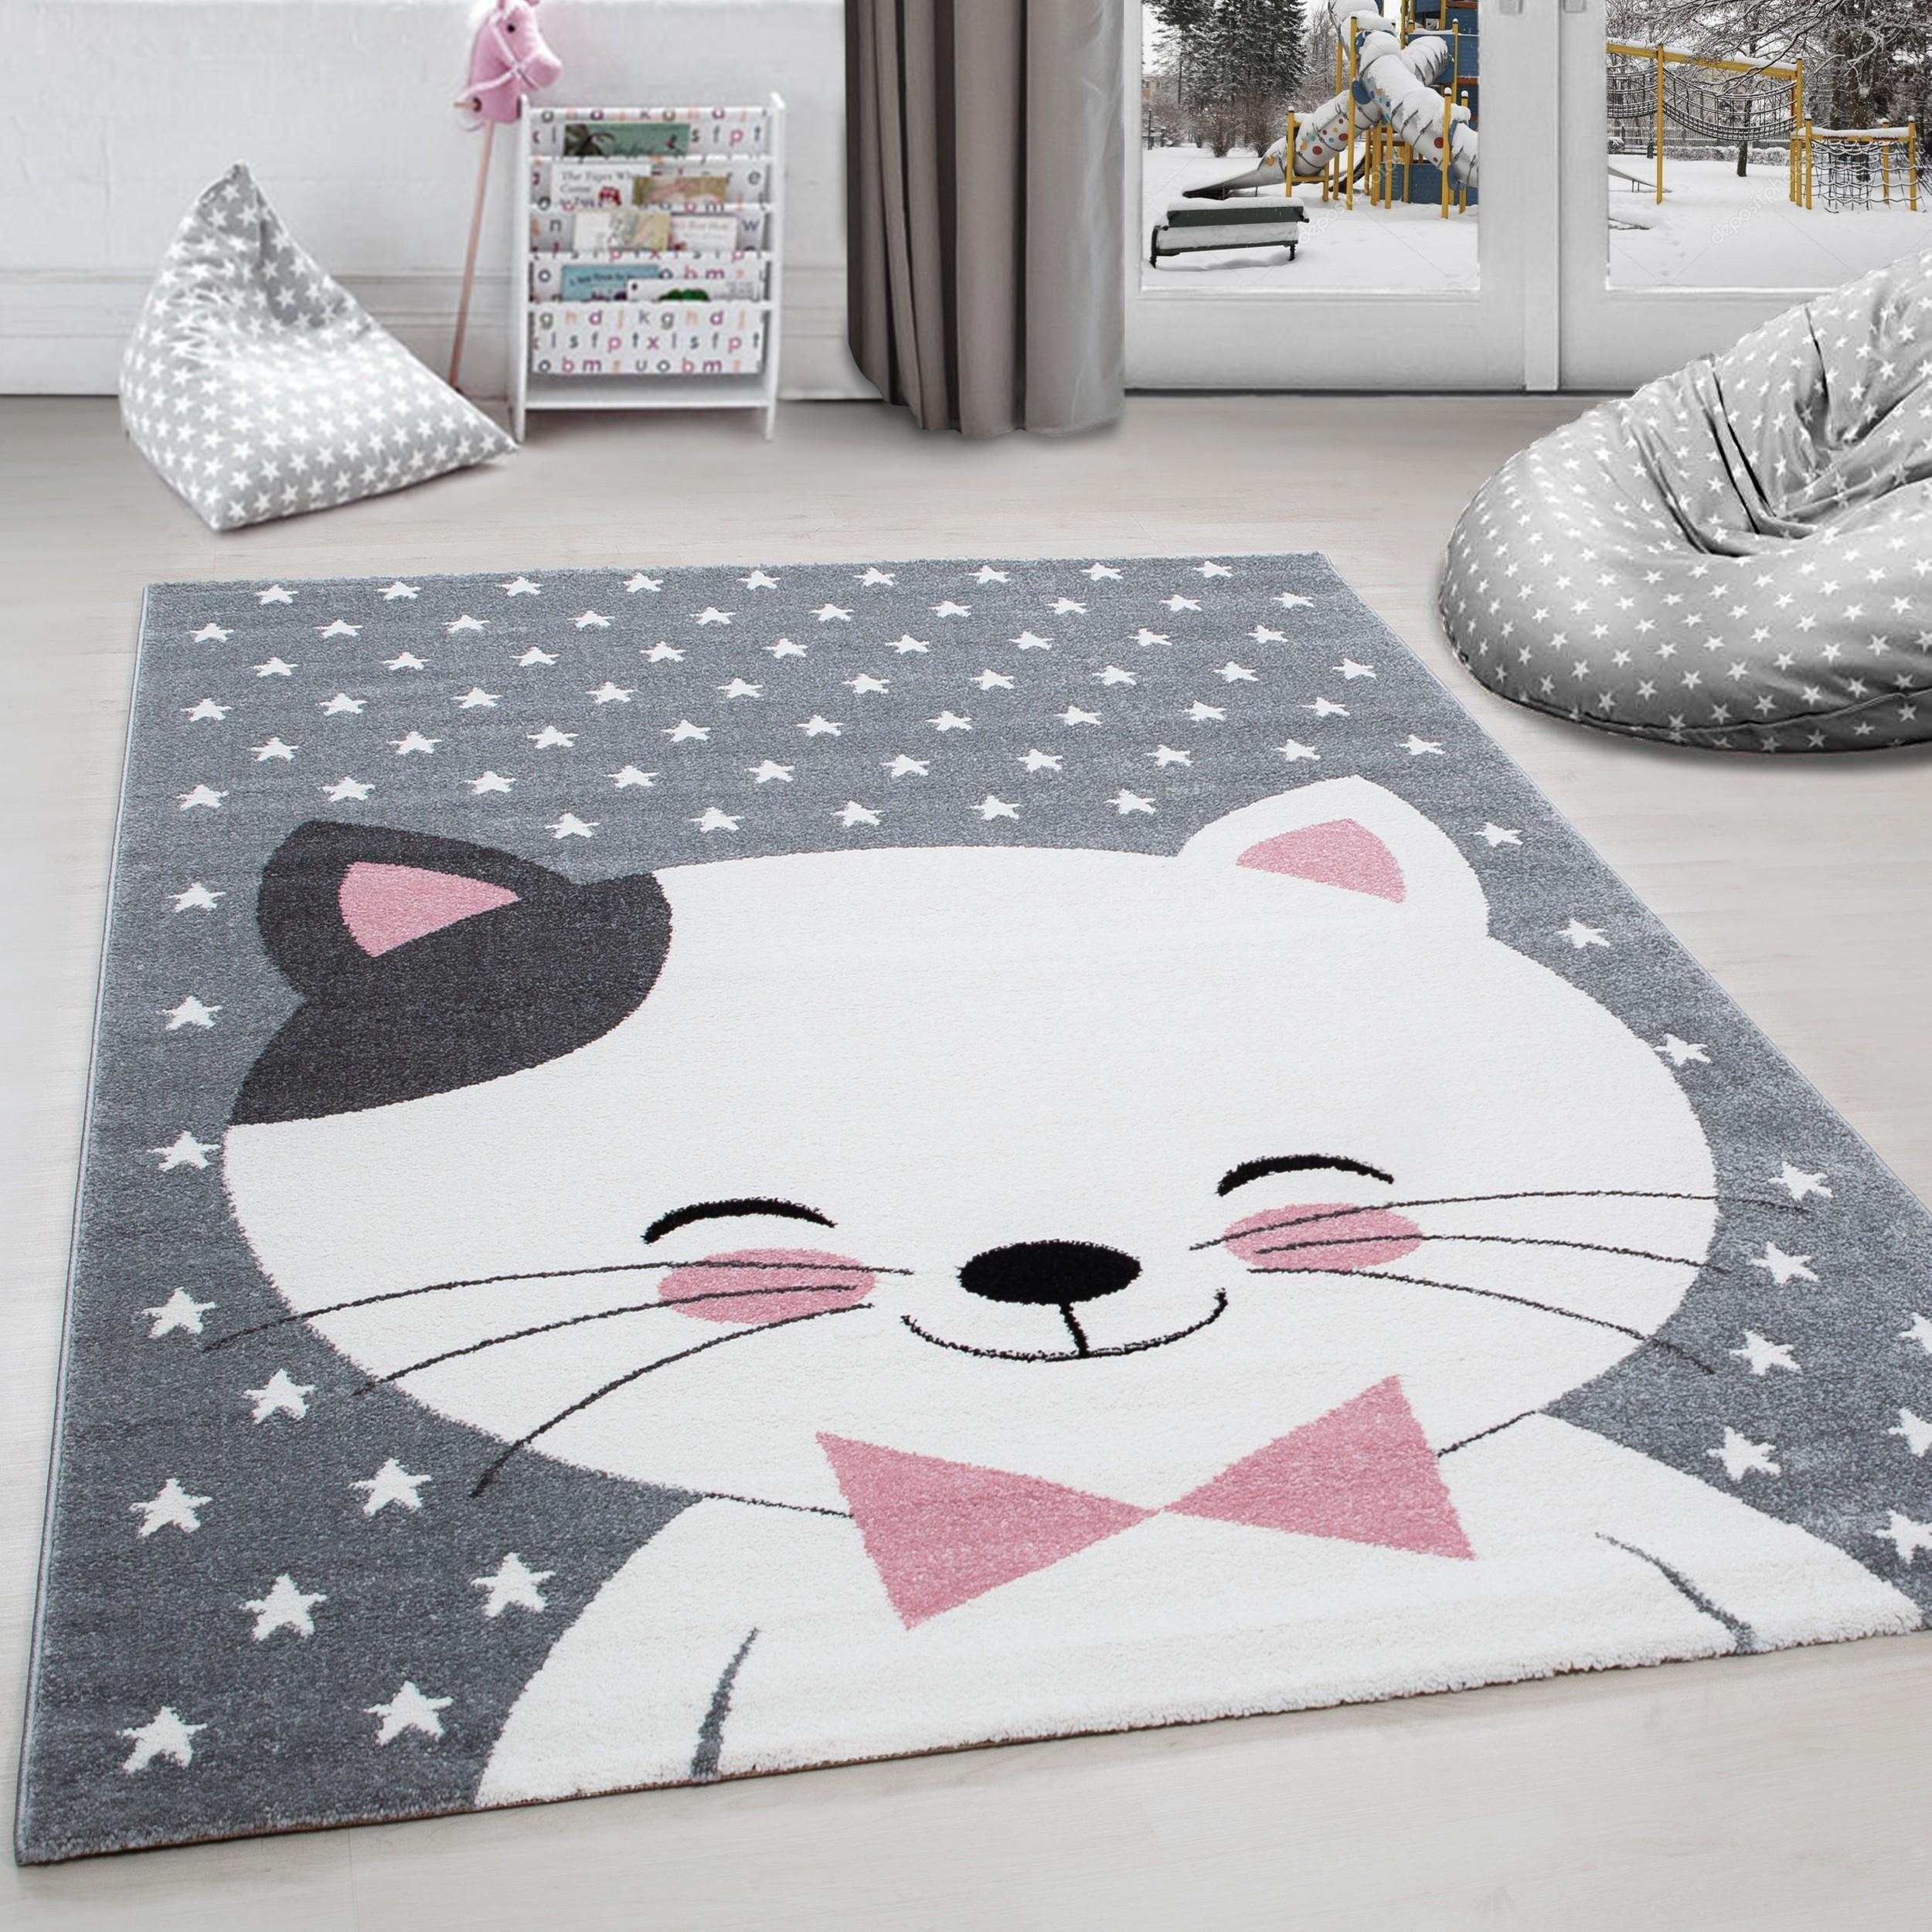 Full Size of Teppiche Kinderzimmer Kinderteppich Teppich Katze Sternmotiv Grau Wei Pink Regal Regale Wohnzimmer Sofa Weiß Kinderzimmer Teppiche Kinderzimmer